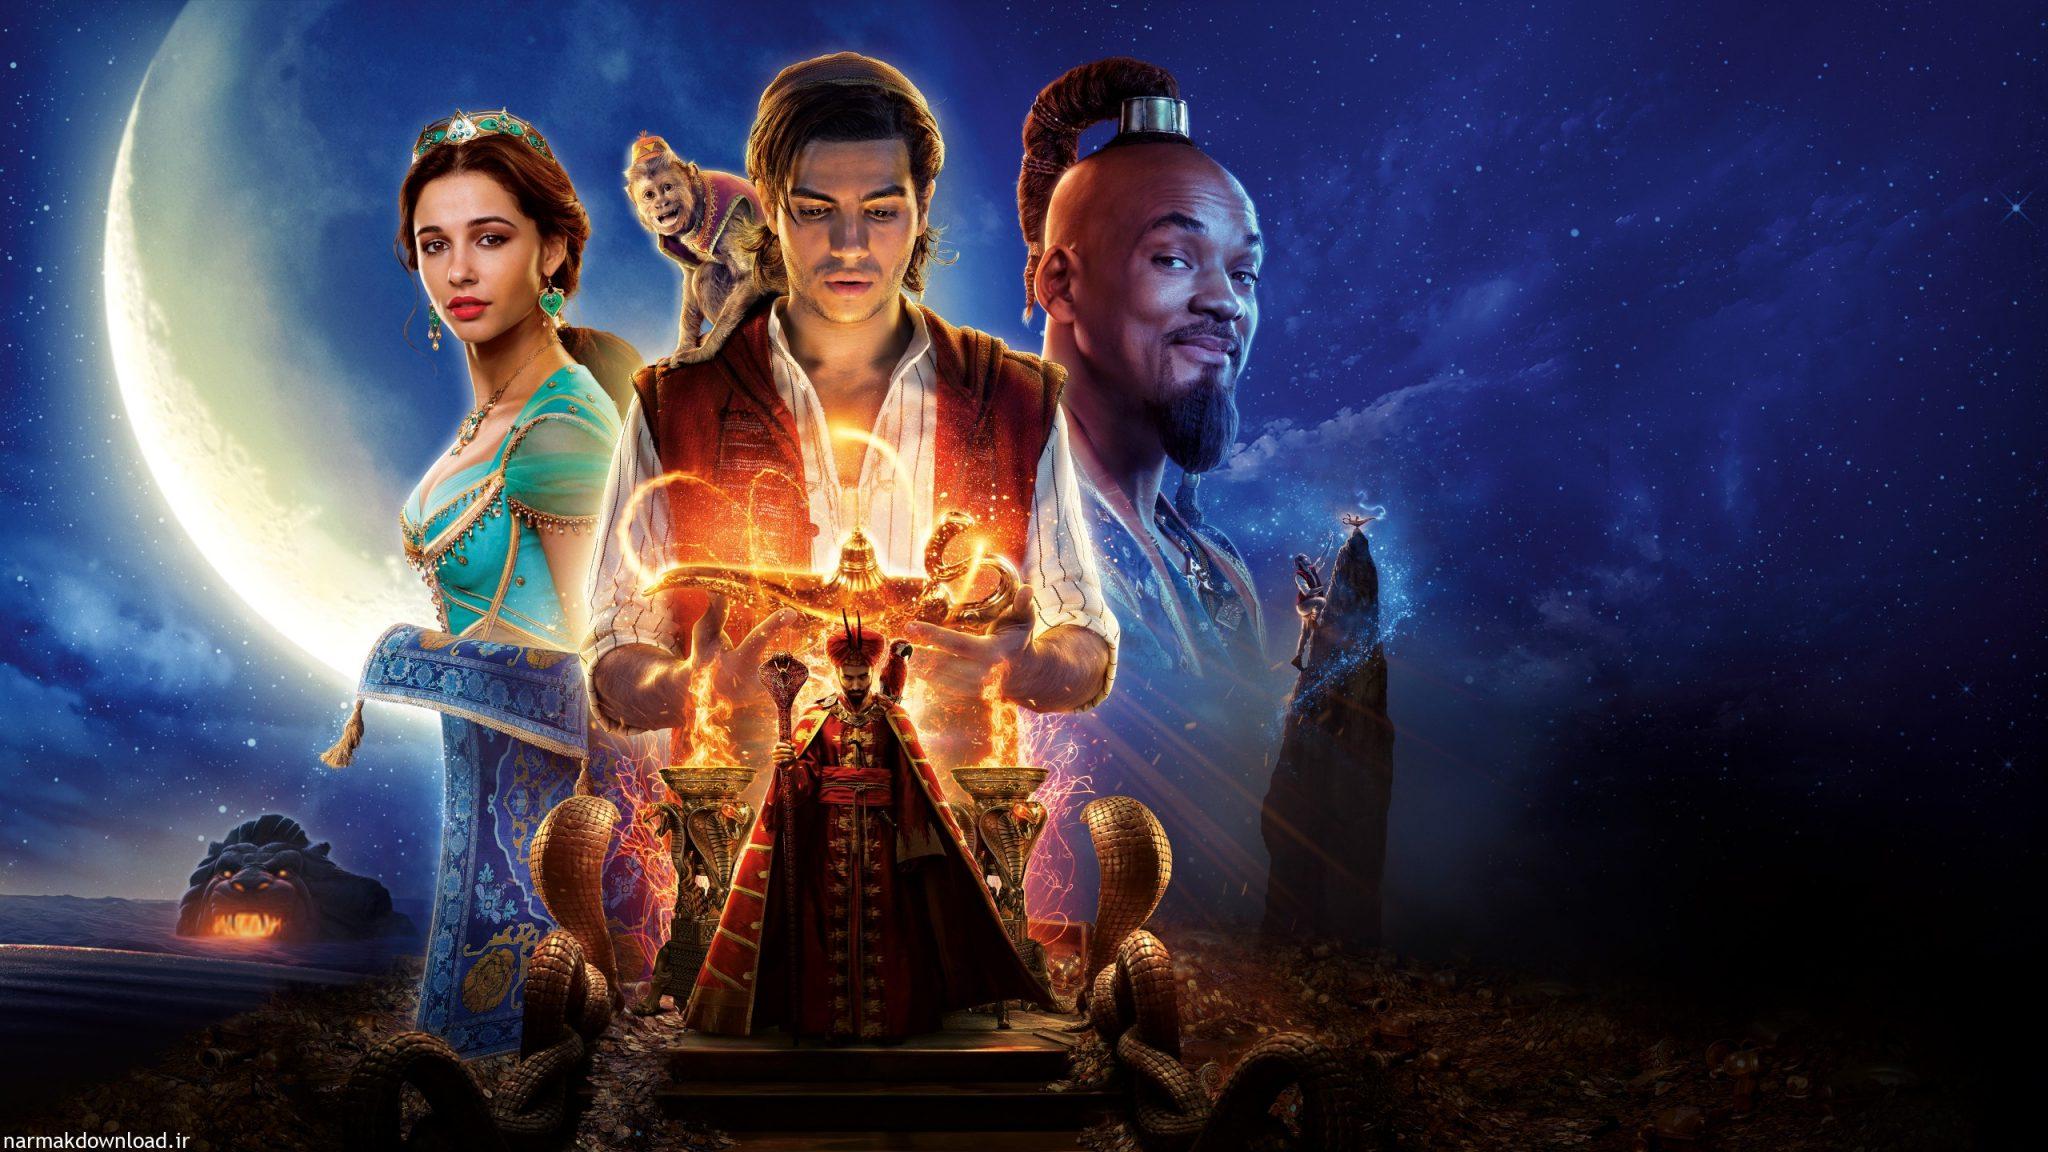 دانلود دوبله فارسی فیلم Aladdin 2019